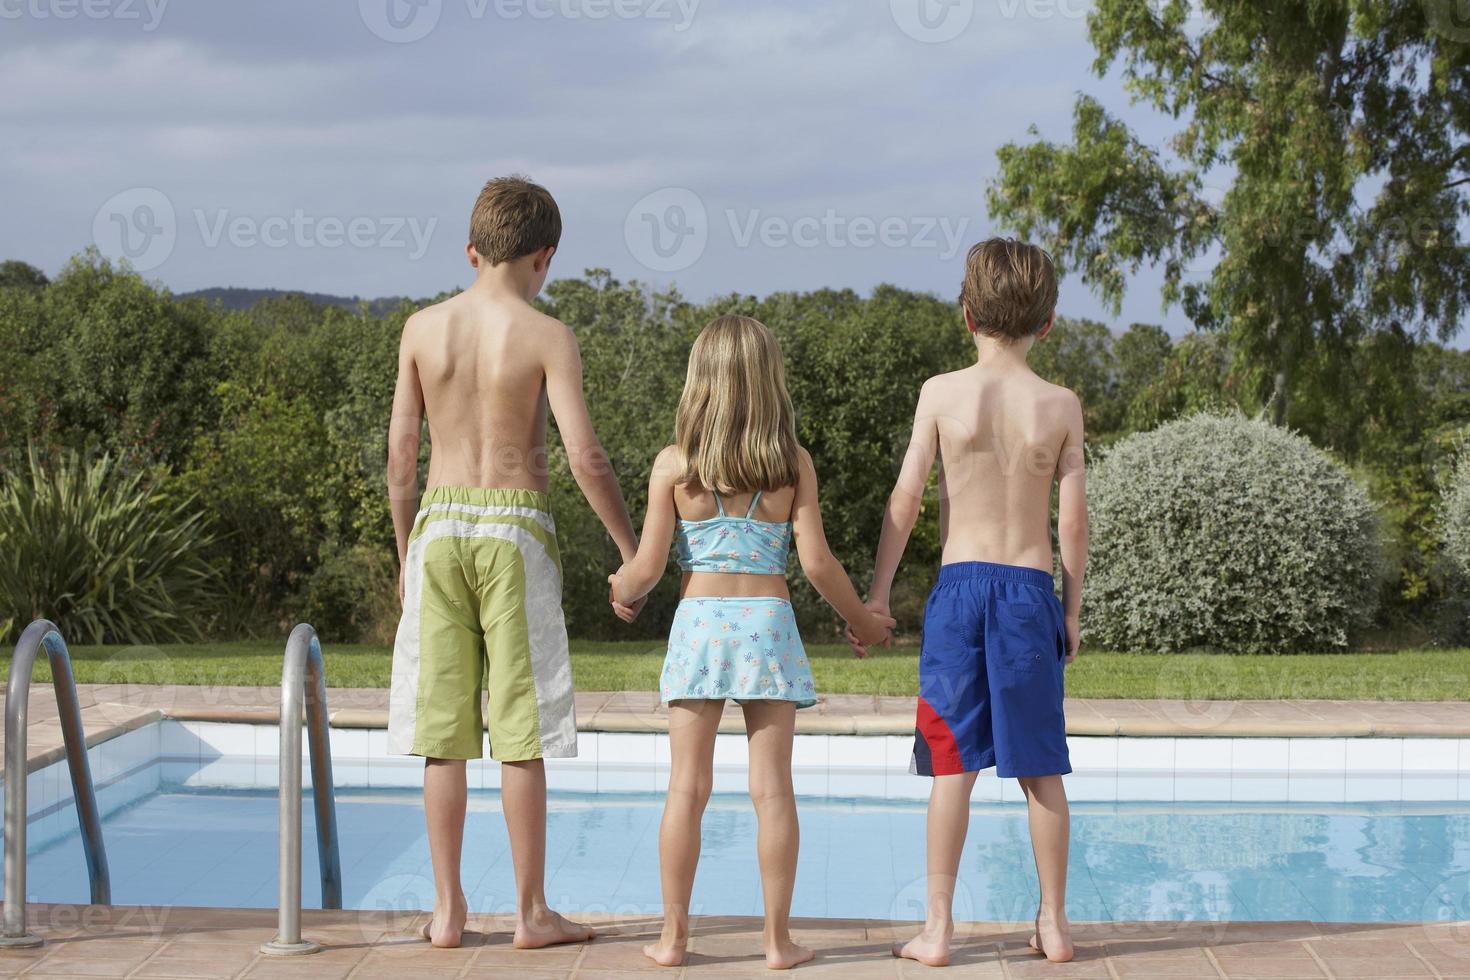 deux garçons et fille au bord de la piscine photo